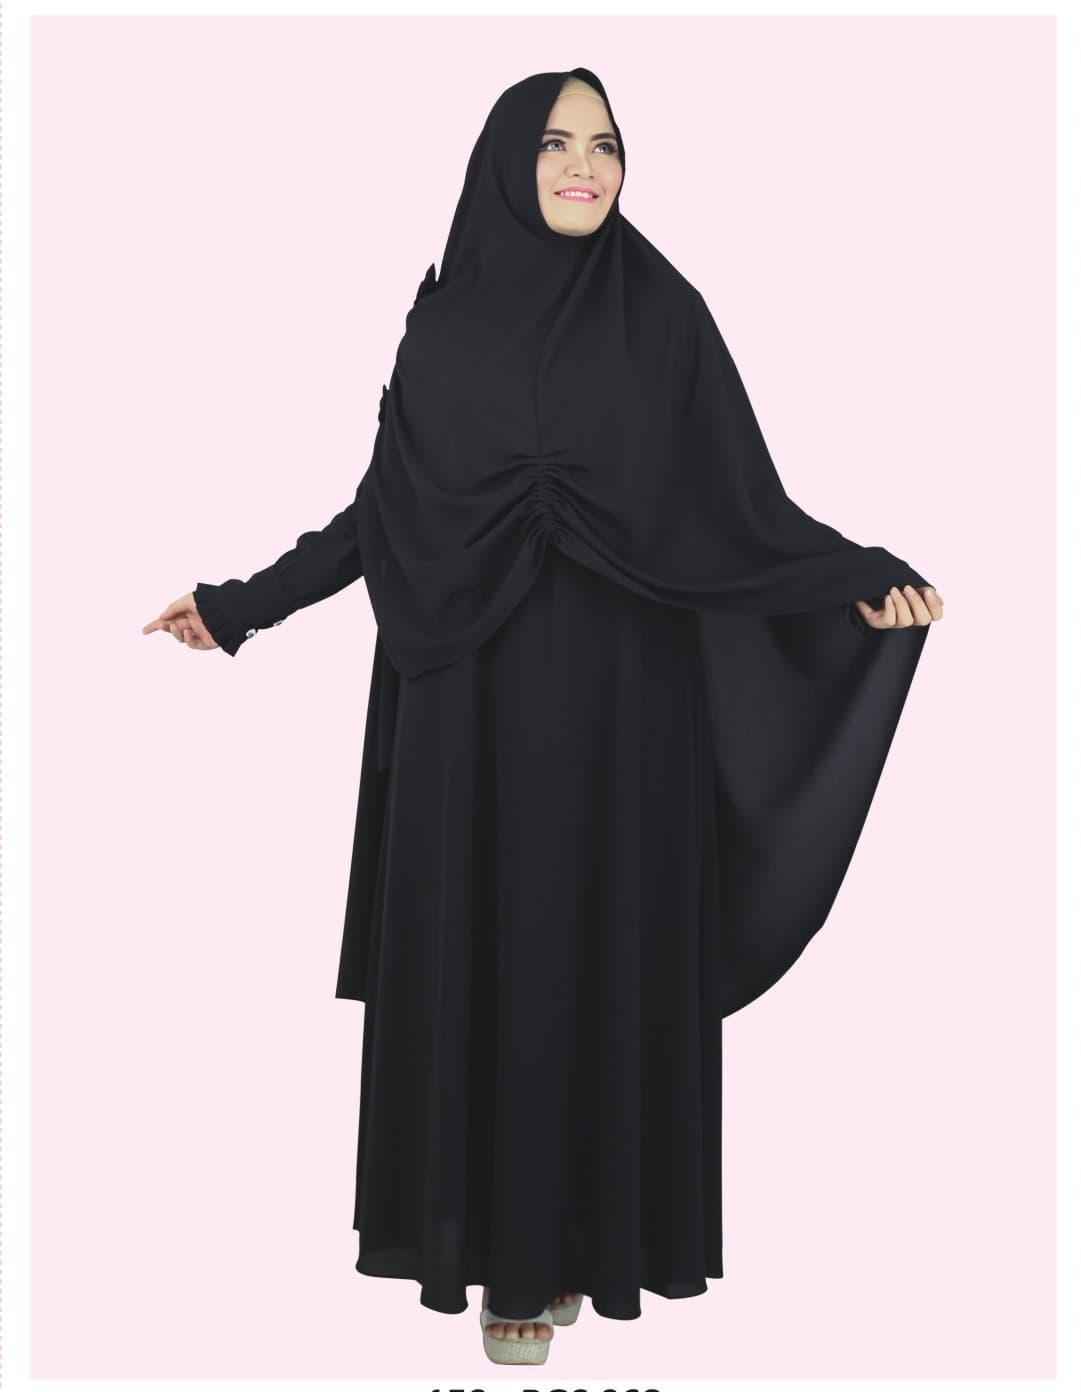 Baju Muslim Koko Pakistan Gamis Dress Setelan Wanita Pria Anak Hitam